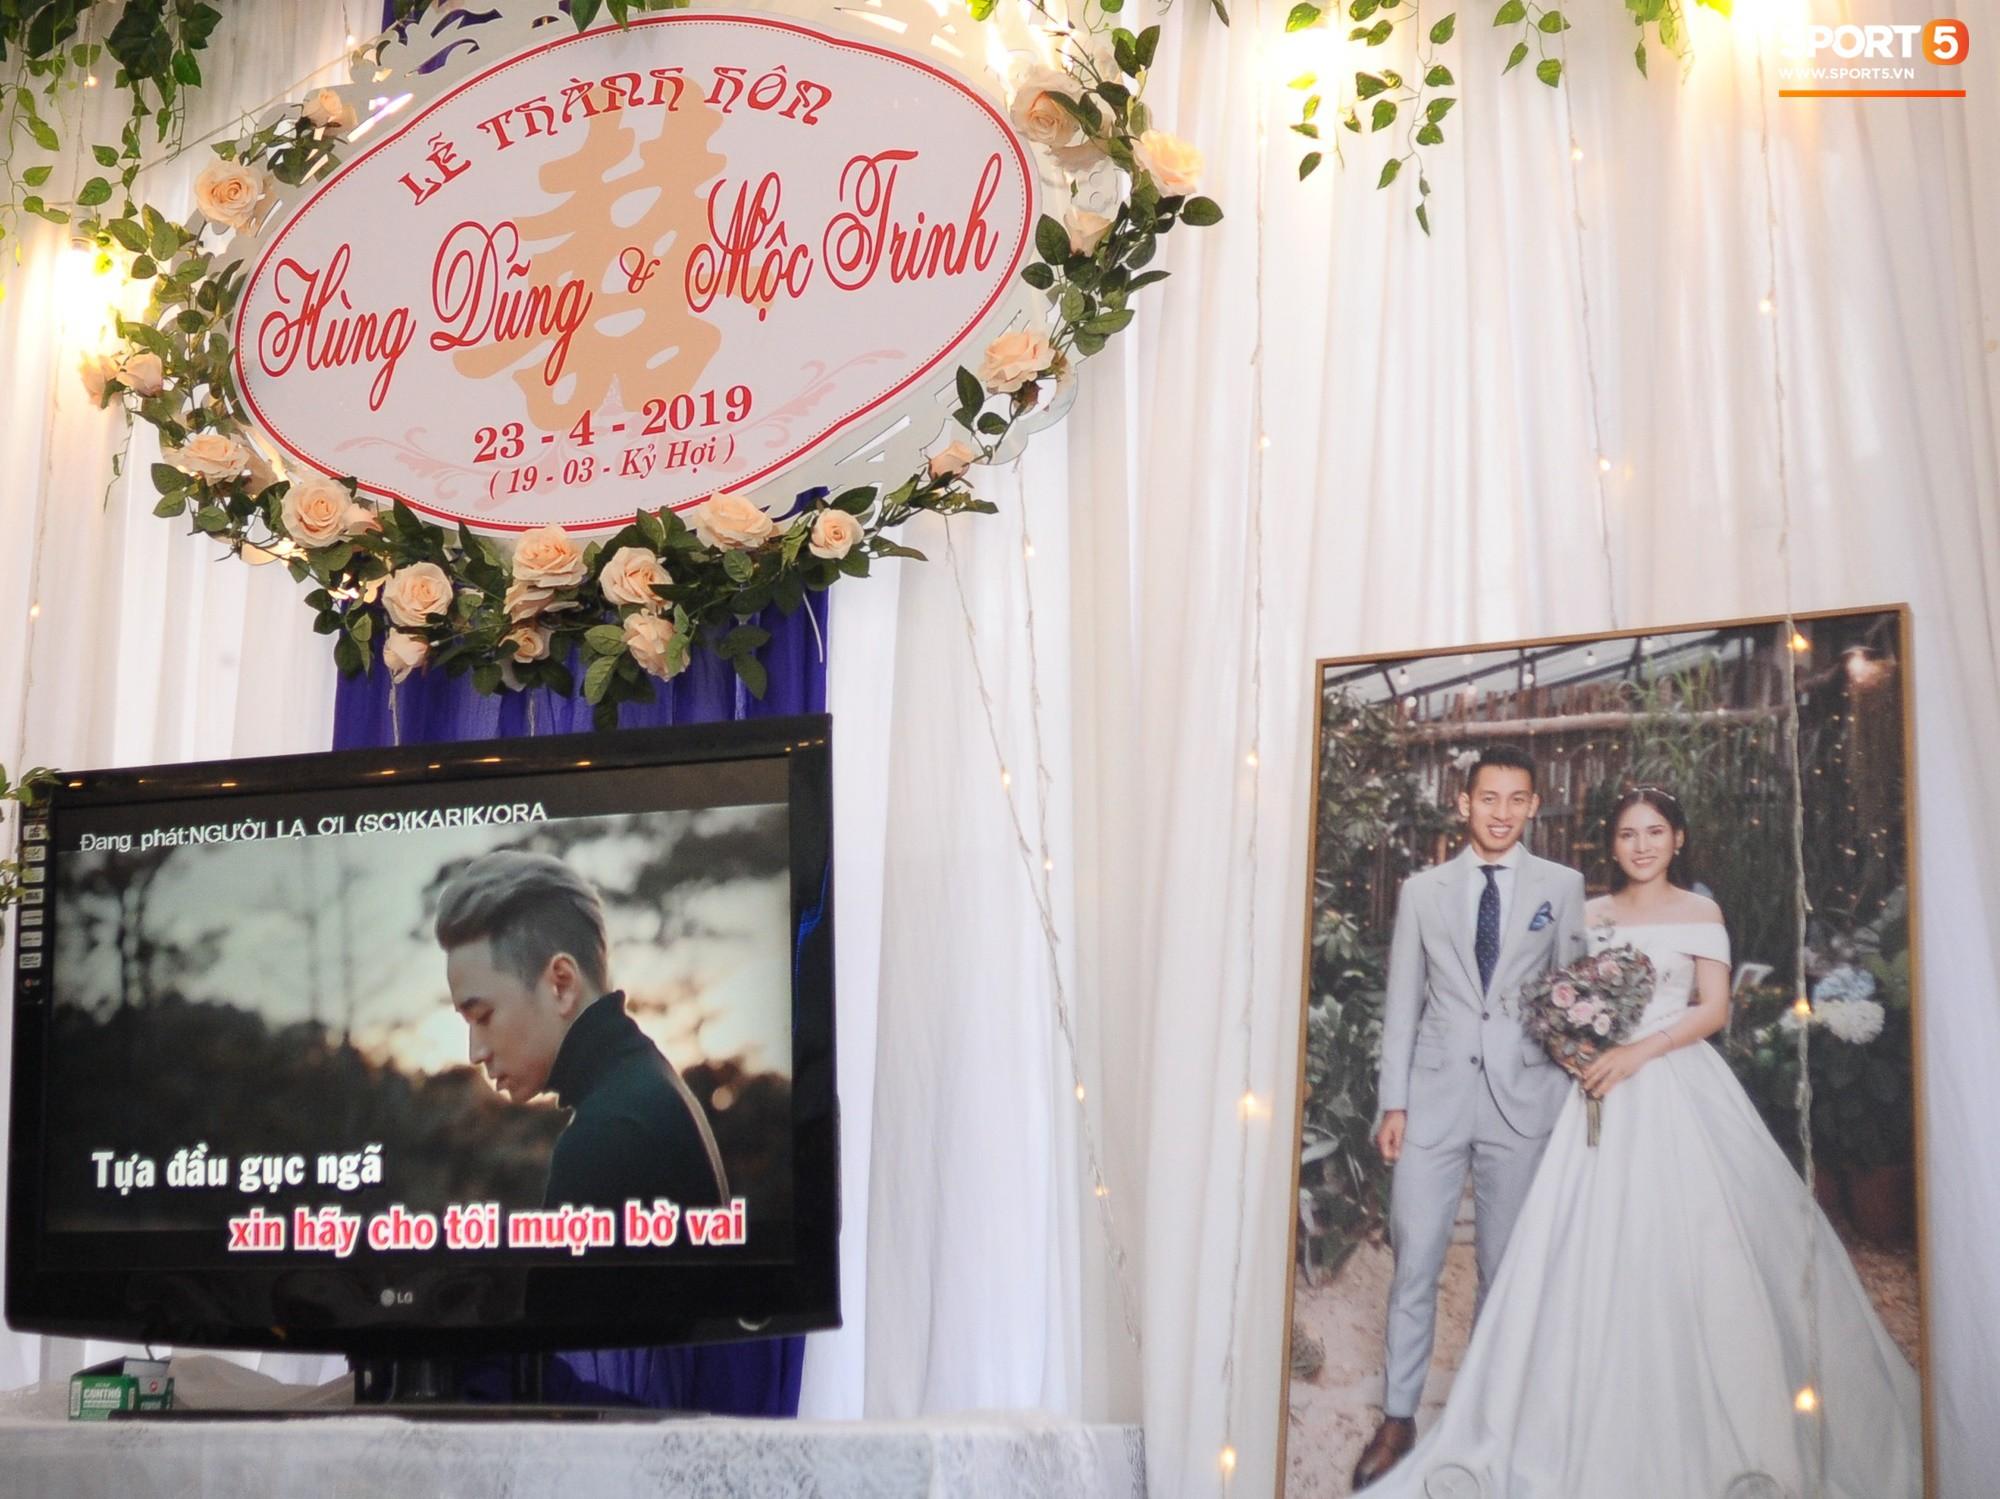 Tiền vệ tuyển Việt Nam tình tứ bên vợ tương lai chuẩn bị cho lễ cưới - Ảnh 5.